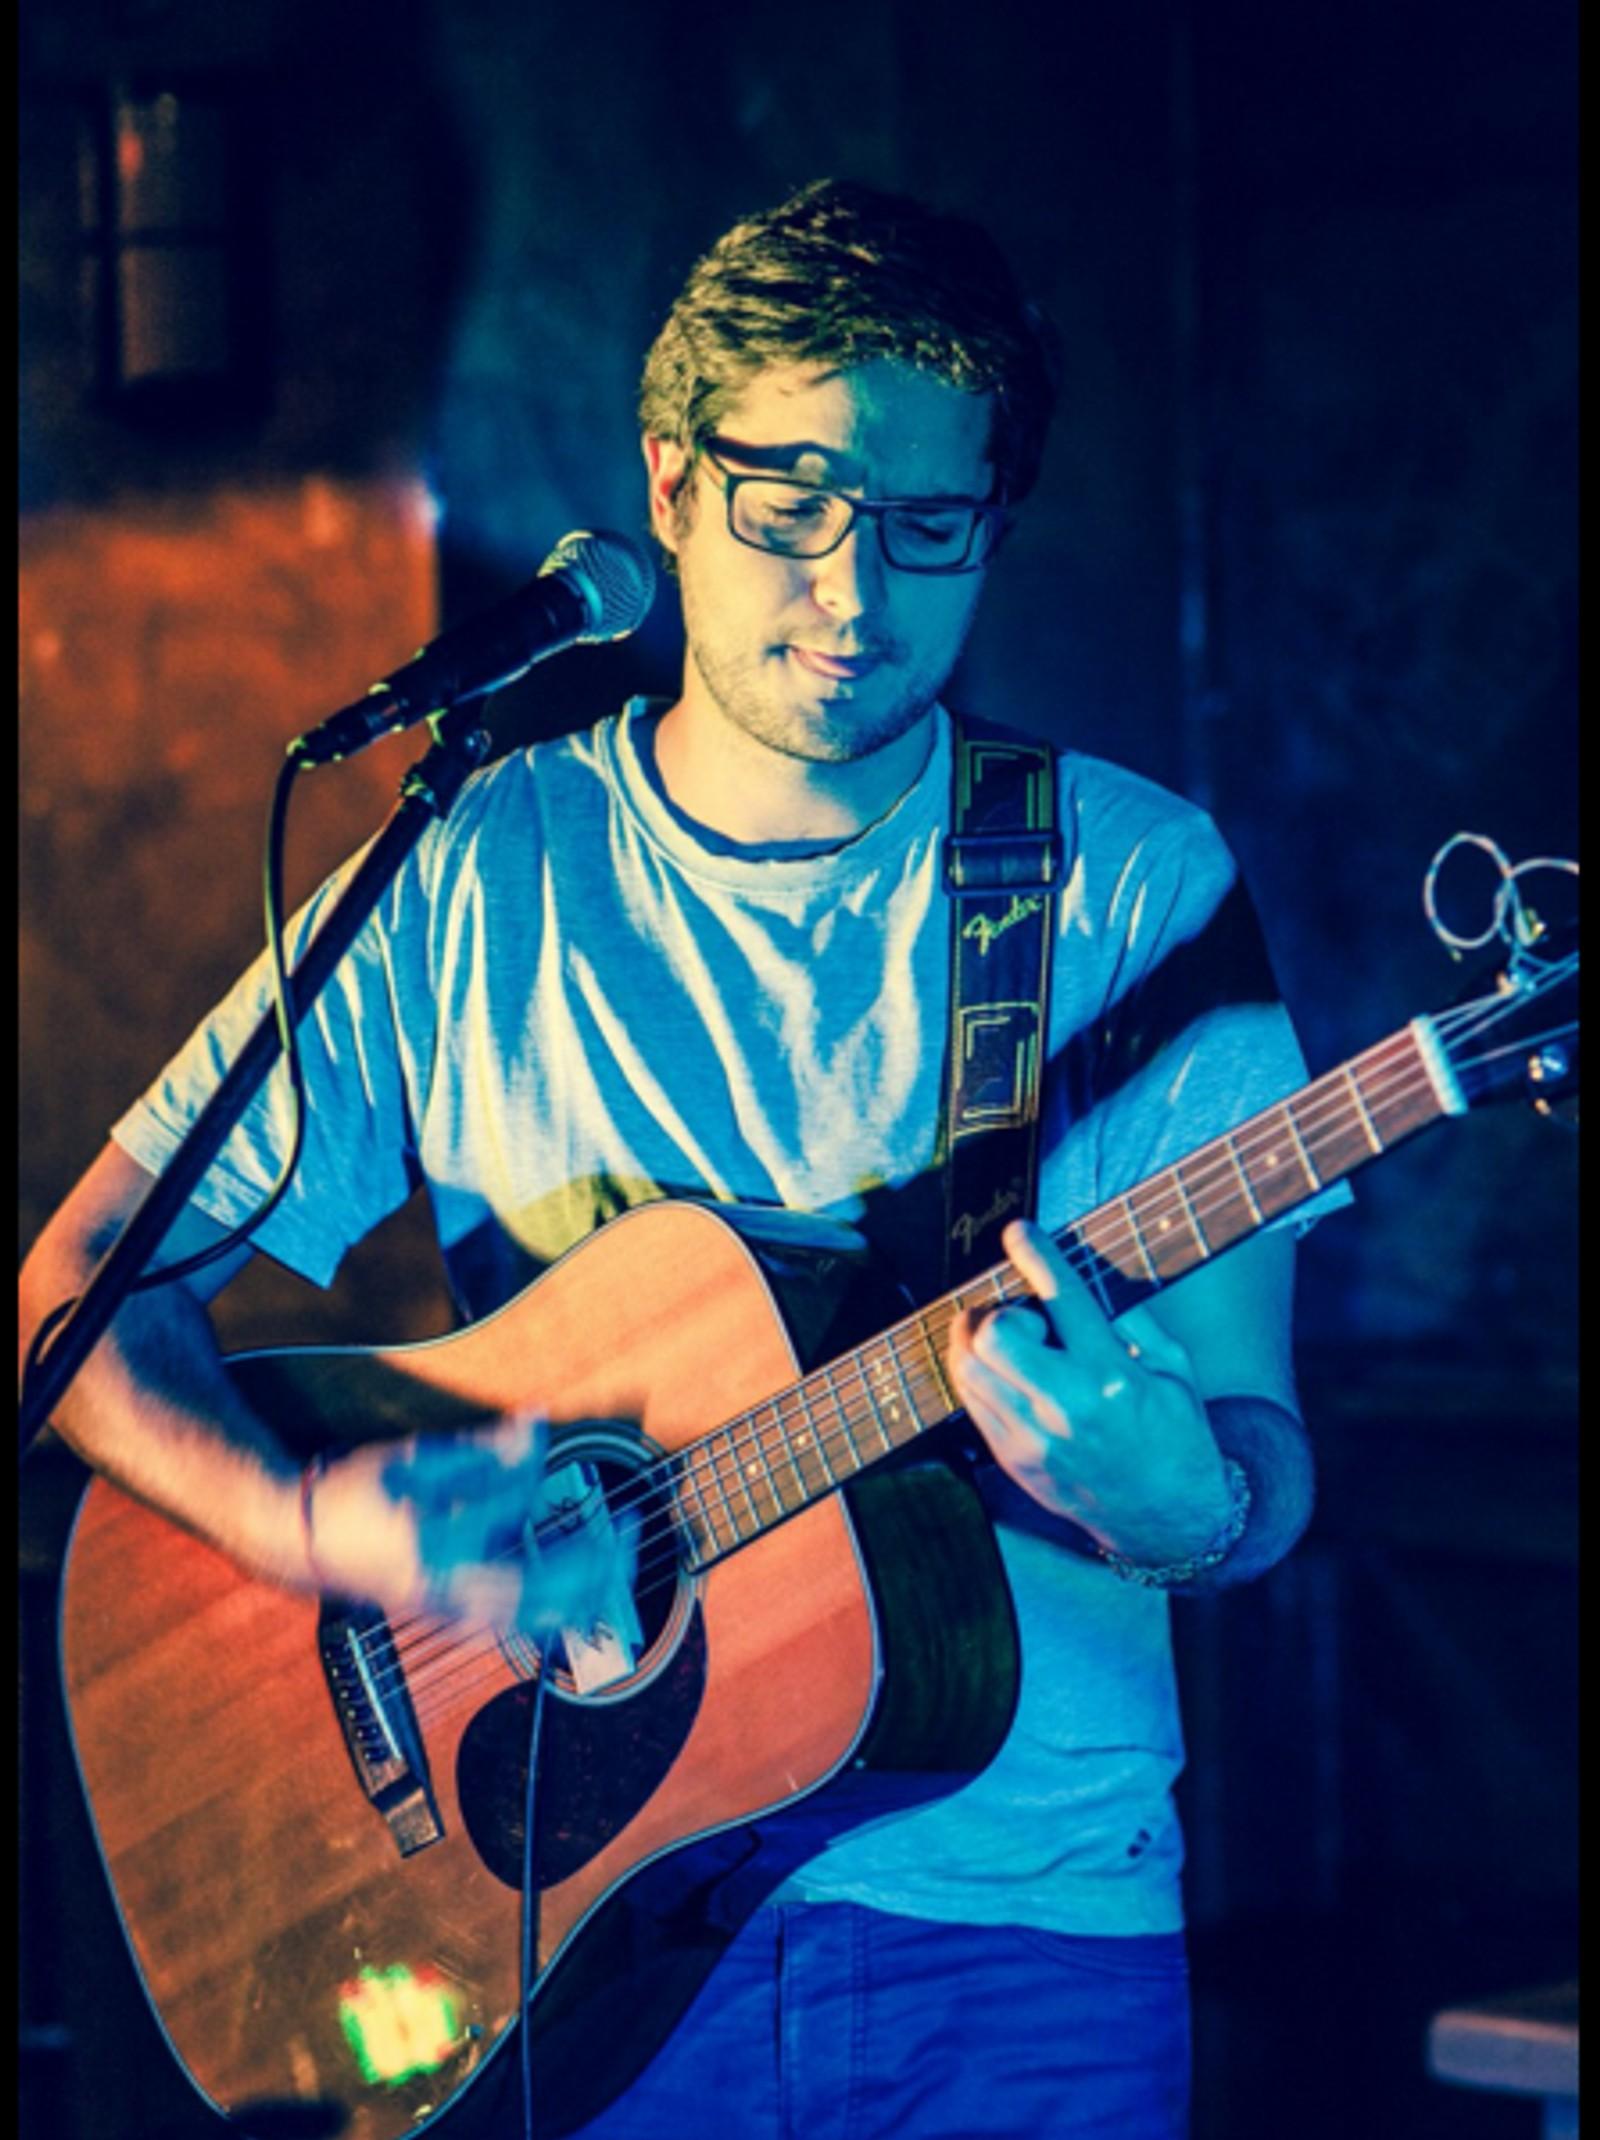 DREPT: Franske Romain Dunay (28) ble skutt i Bataclan. Han døde av skadene. Romain var gitarist. Han blir beskrevet som et musikertalent av sine venner.